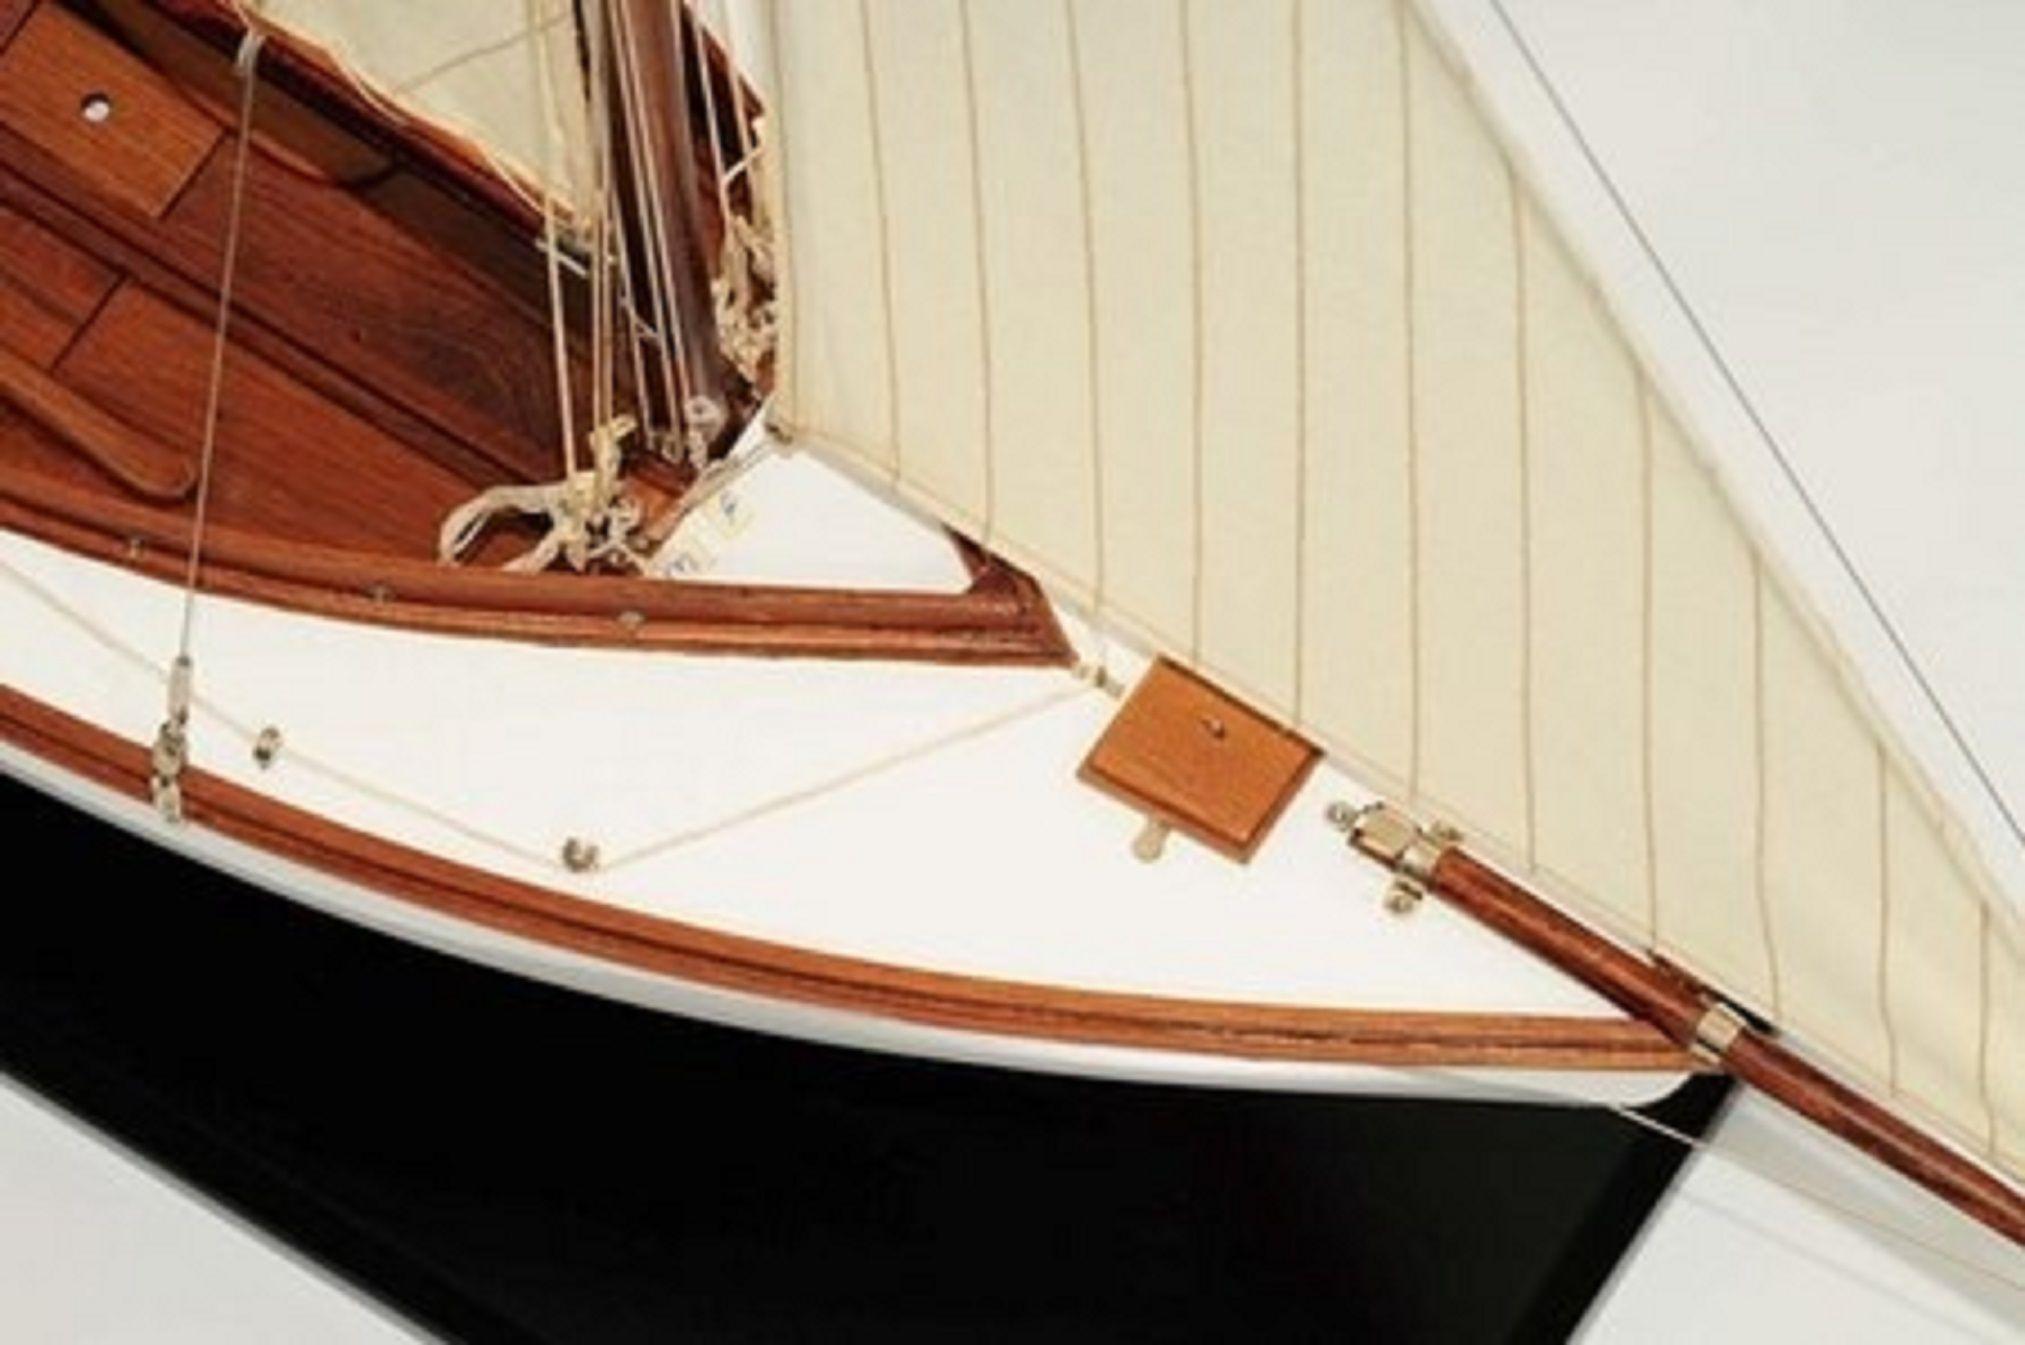 665-7631-Silver-Cloud-Model-Yacht-Premier-Range